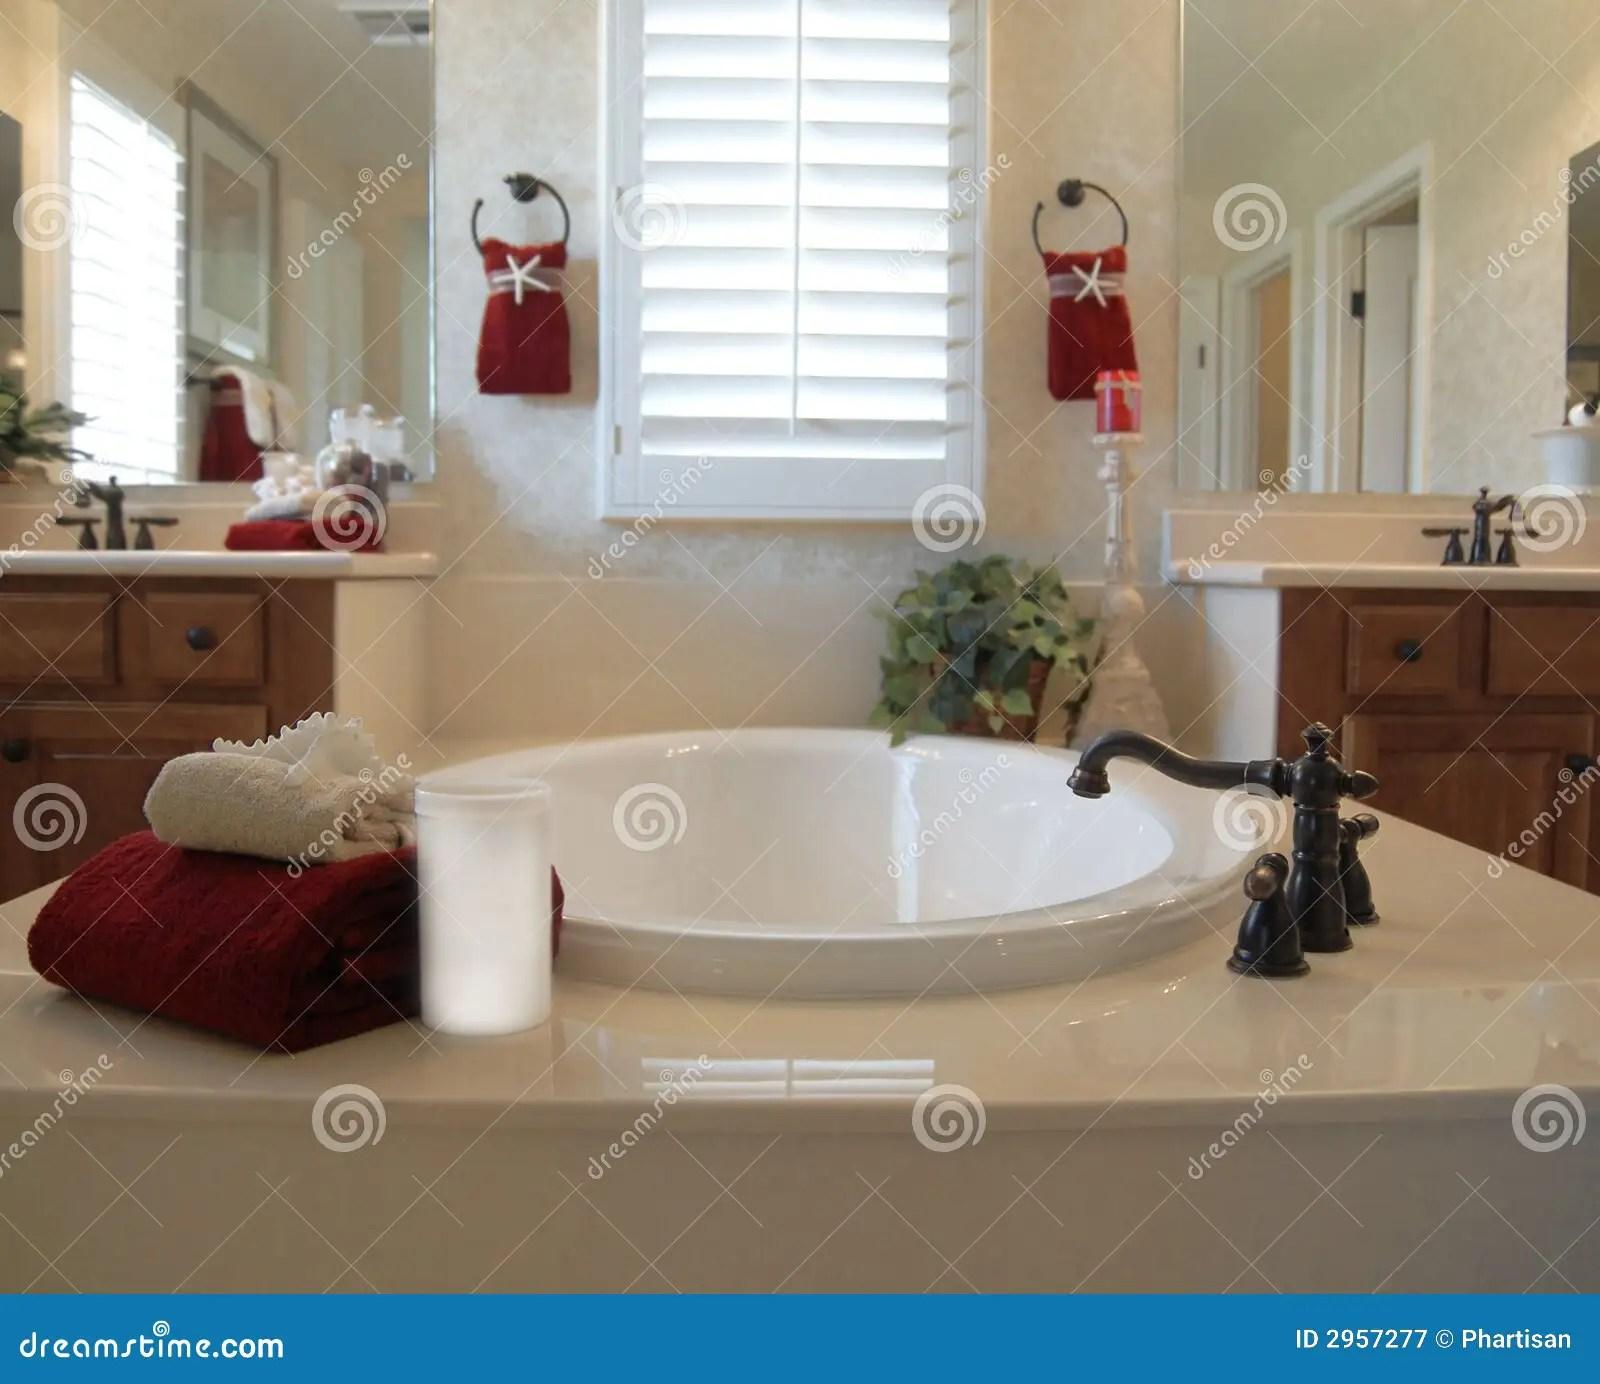 Nuova stanza da bagno immagine stock. Immagine di bagnisi ... on Stanza Da Bagno  id=39674